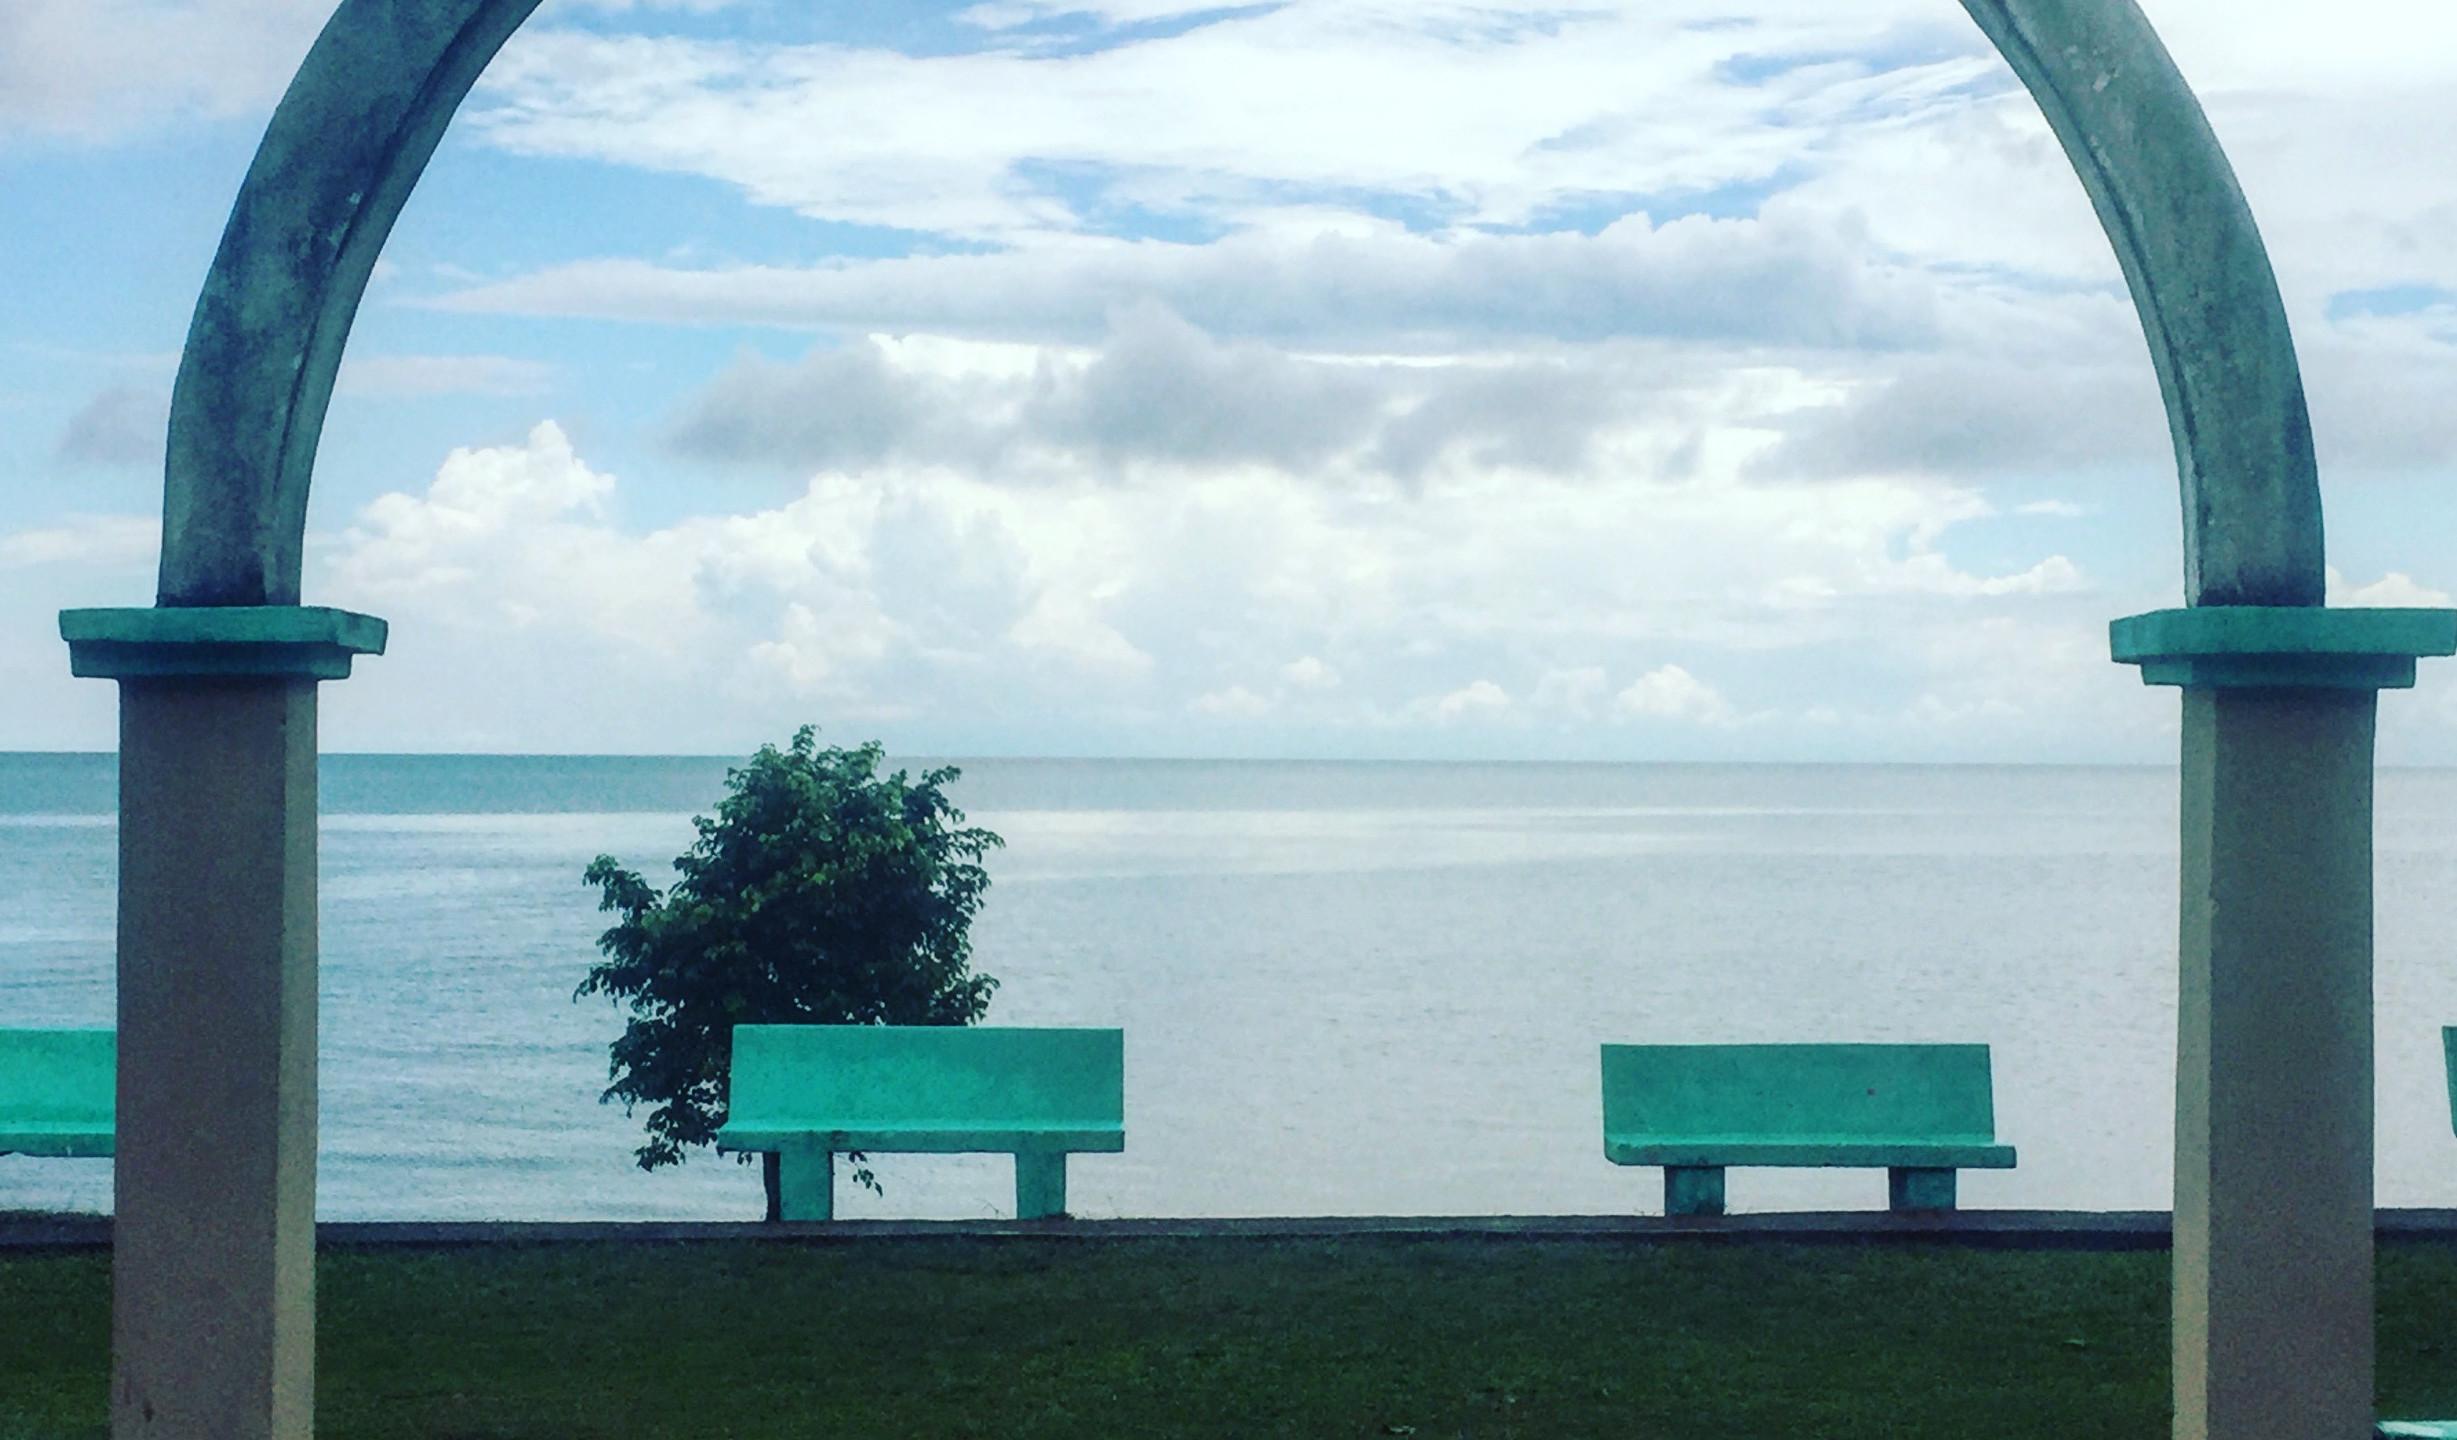 Seaside park in Punta Gorda Belize